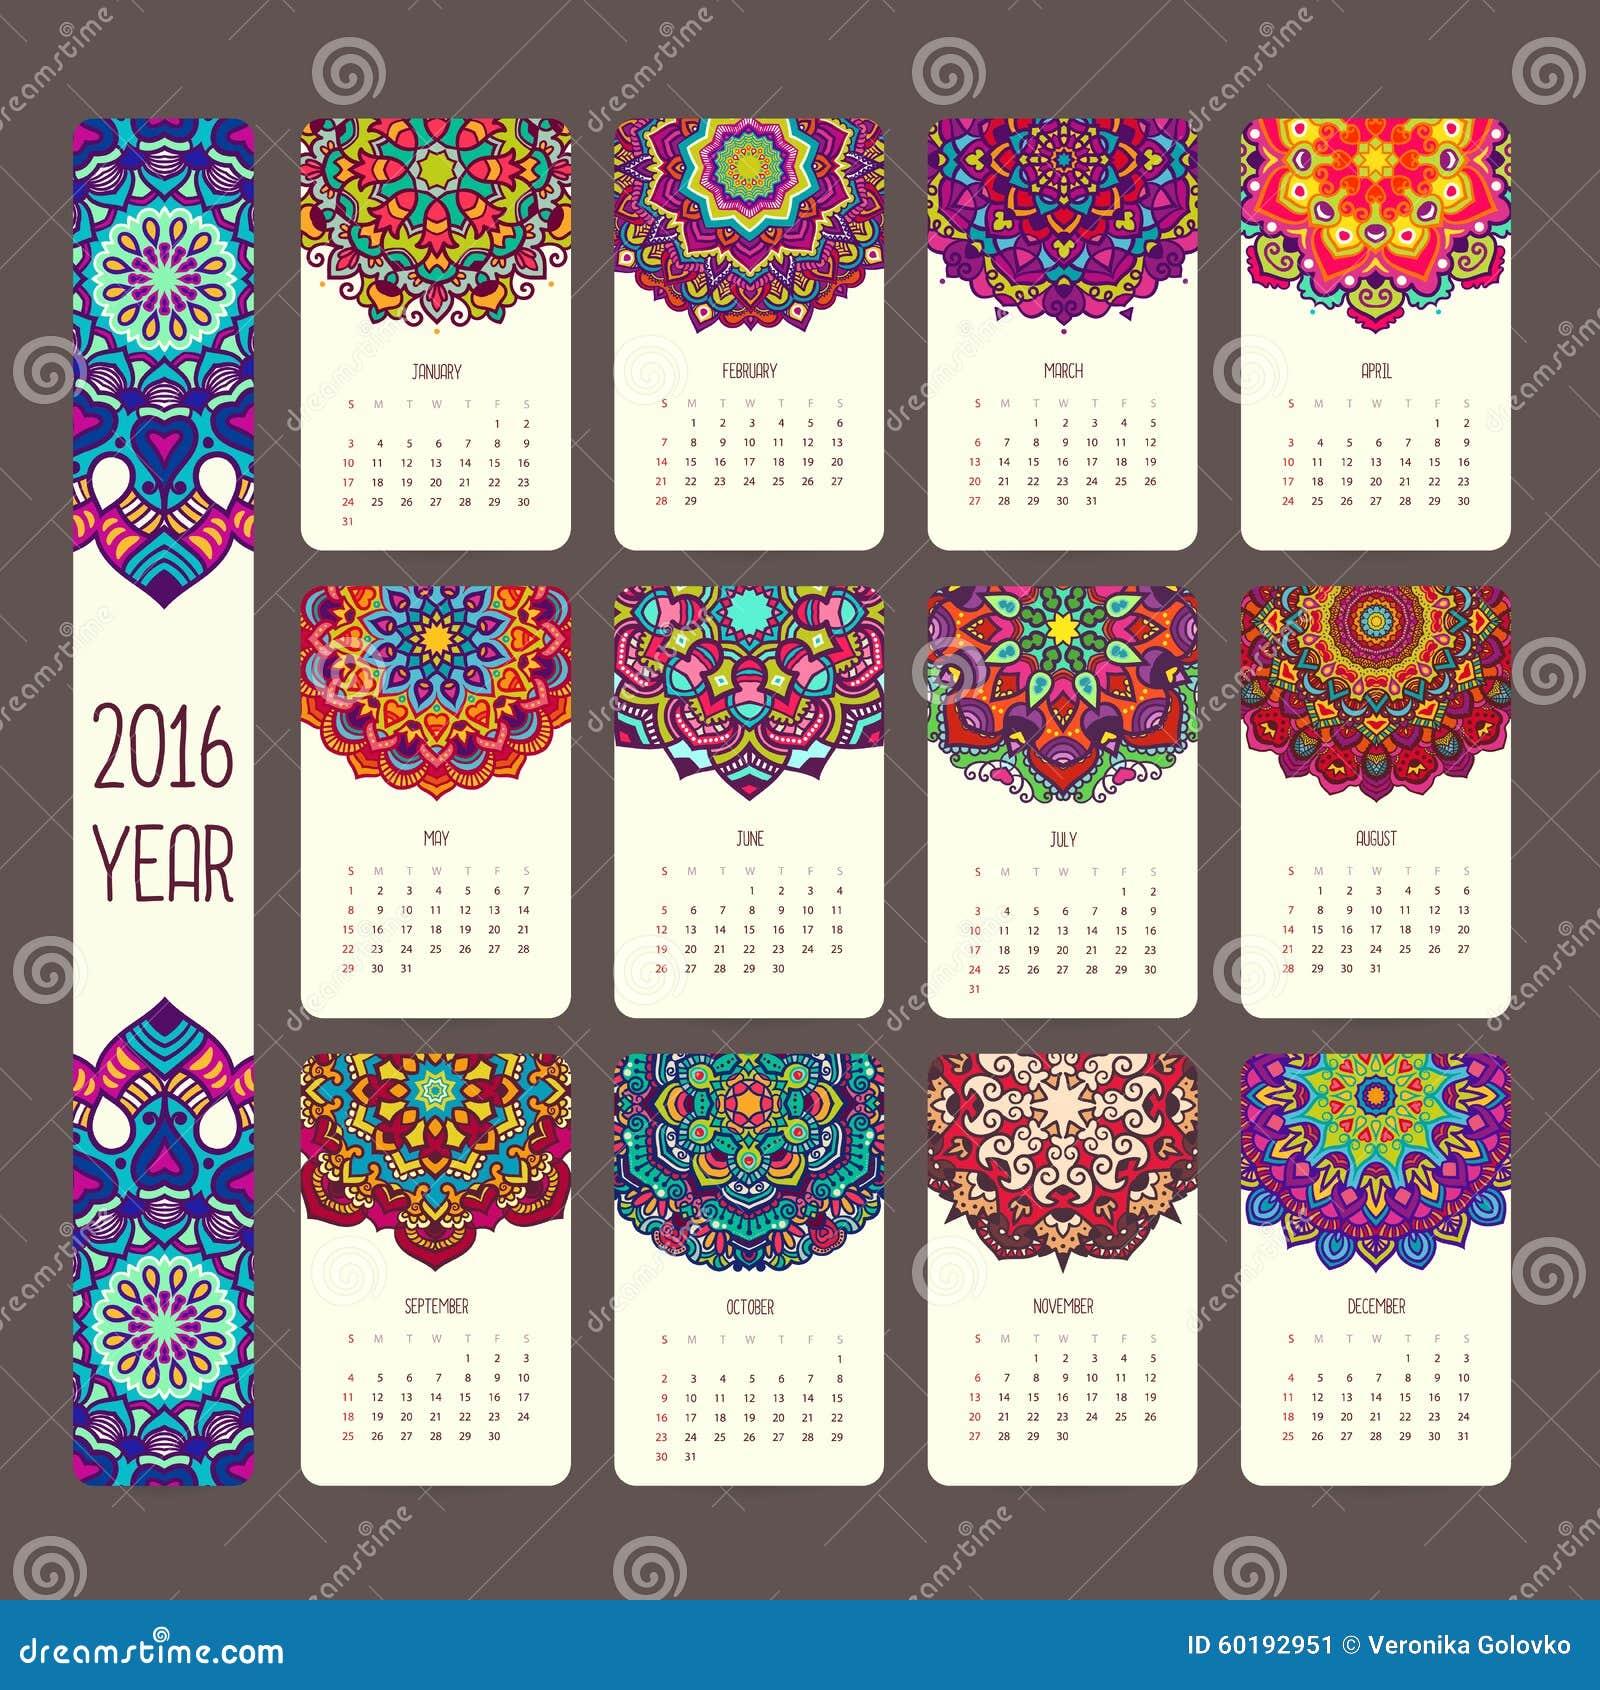 Календарь 2016 с мандалами